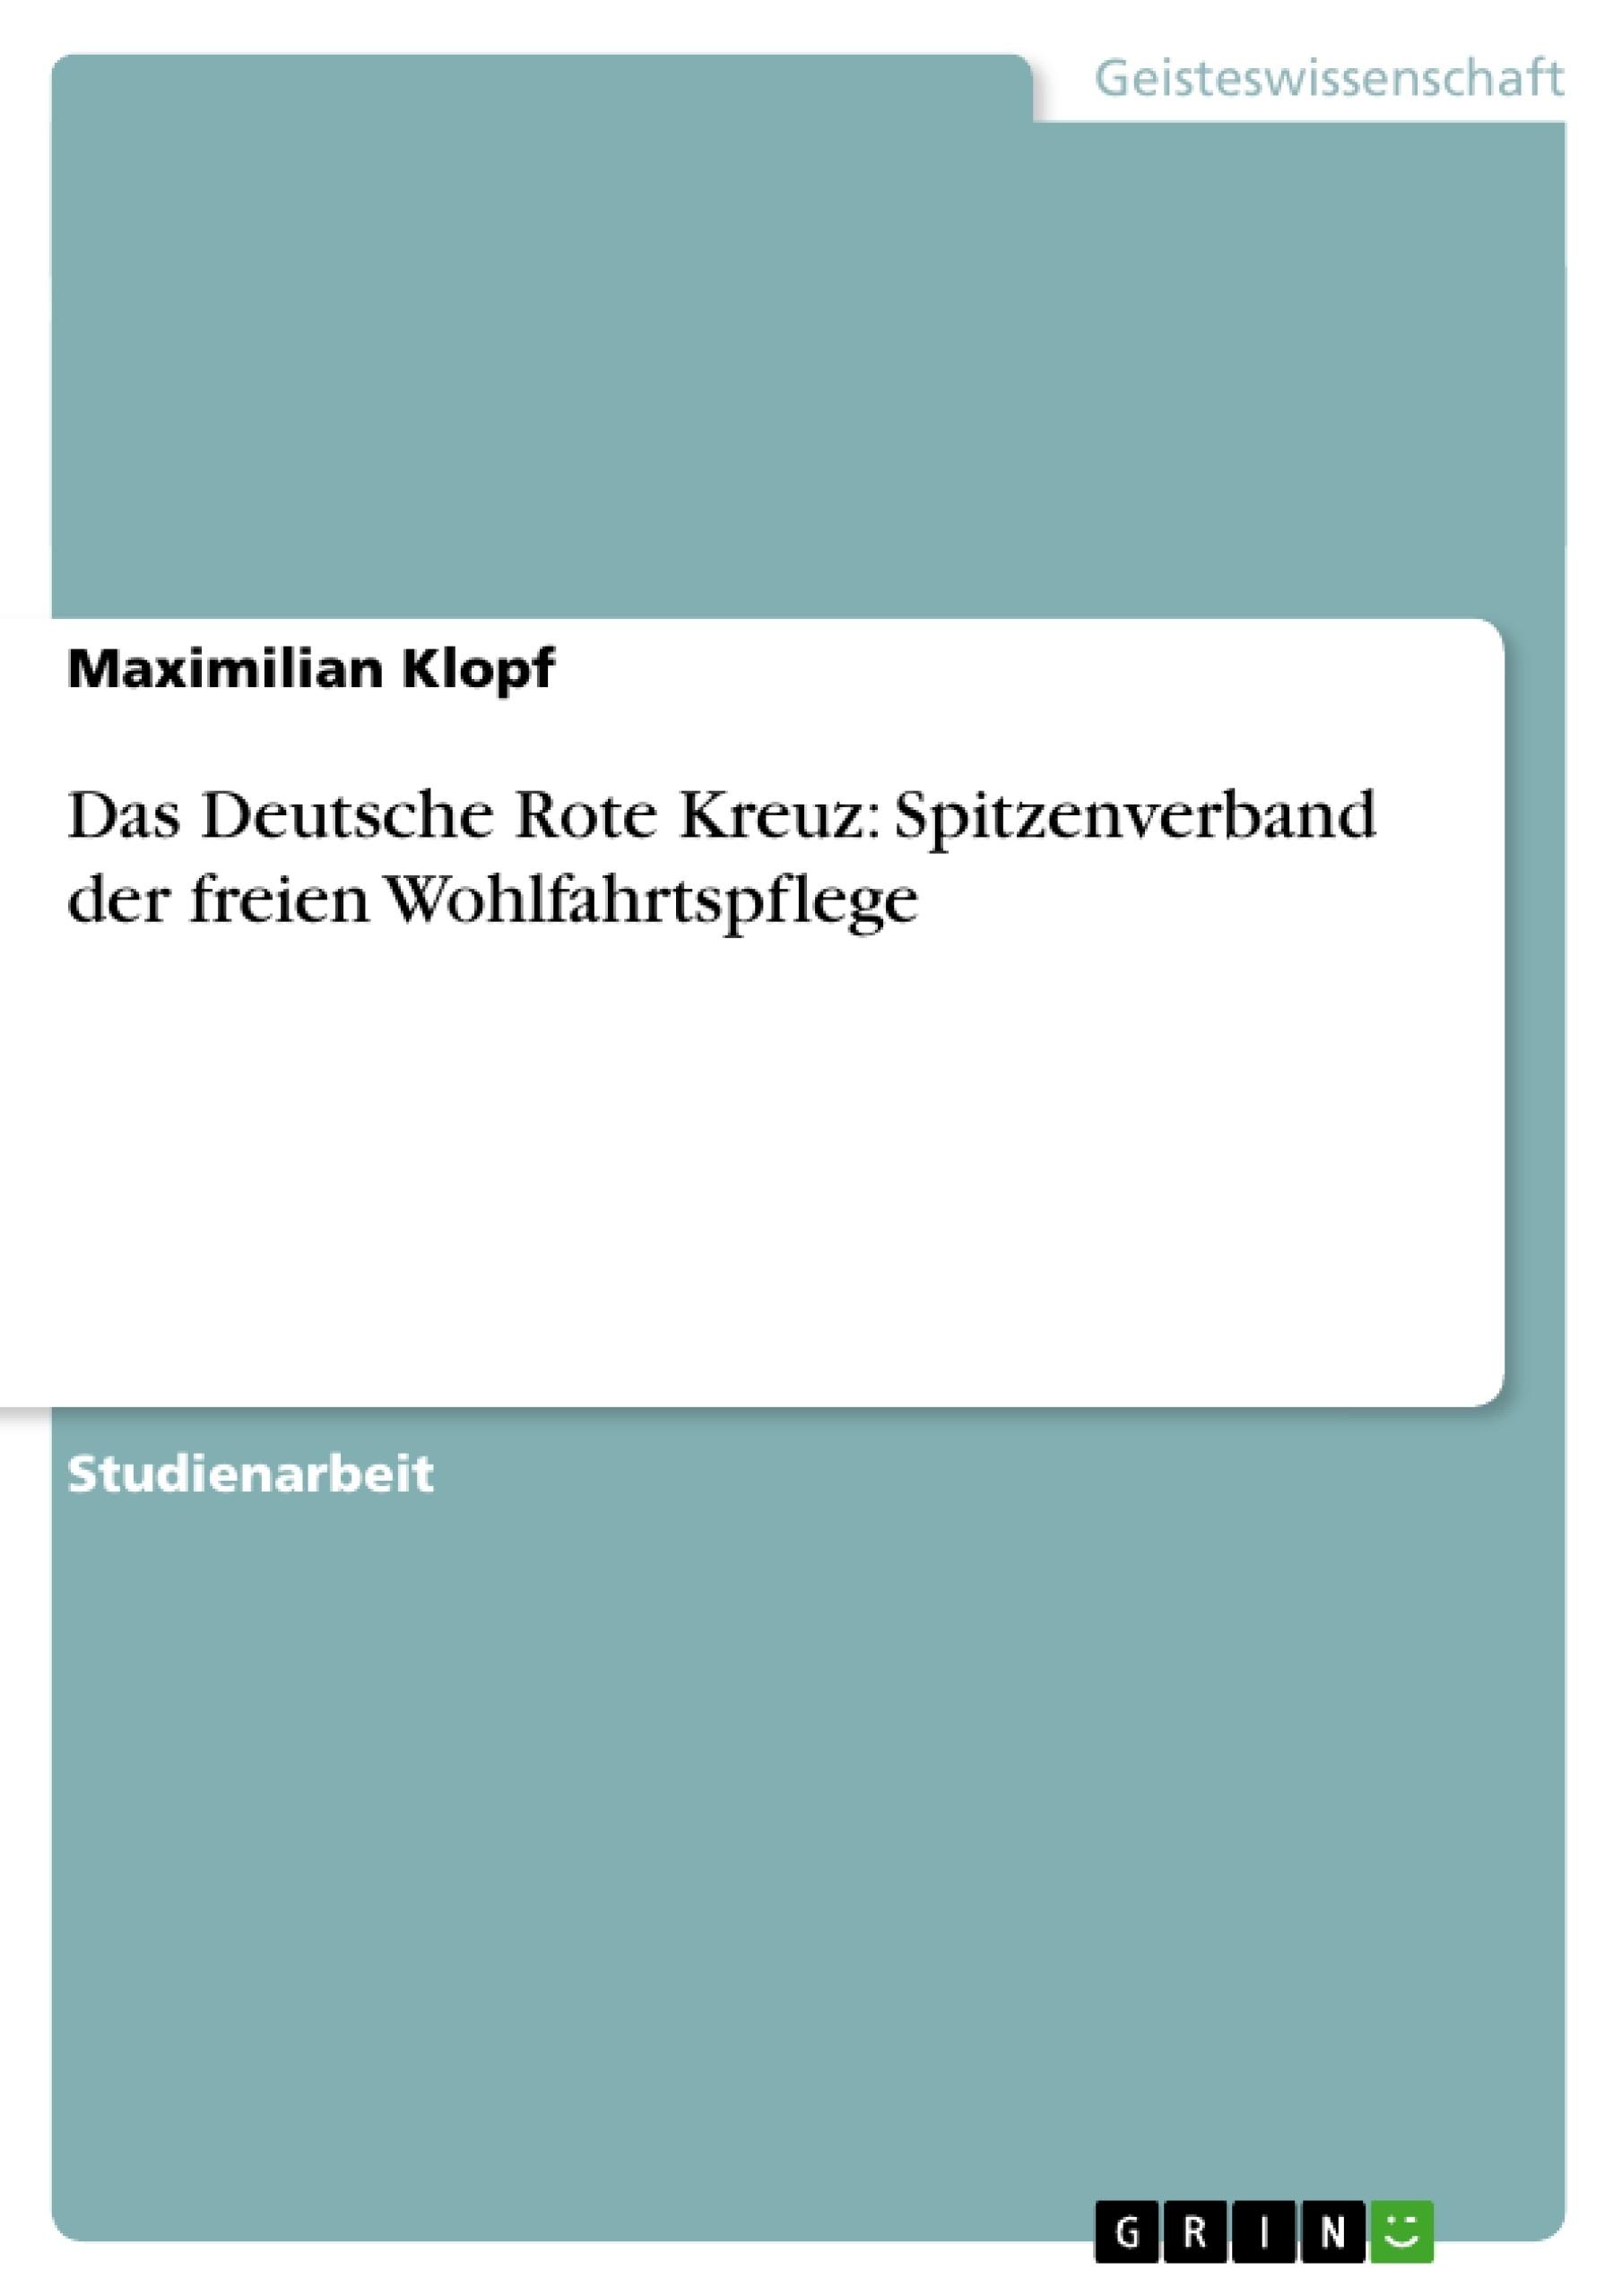 Titel: Das Deutsche Rote Kreuz: Spitzenverband der freien Wohlfahrtspflege